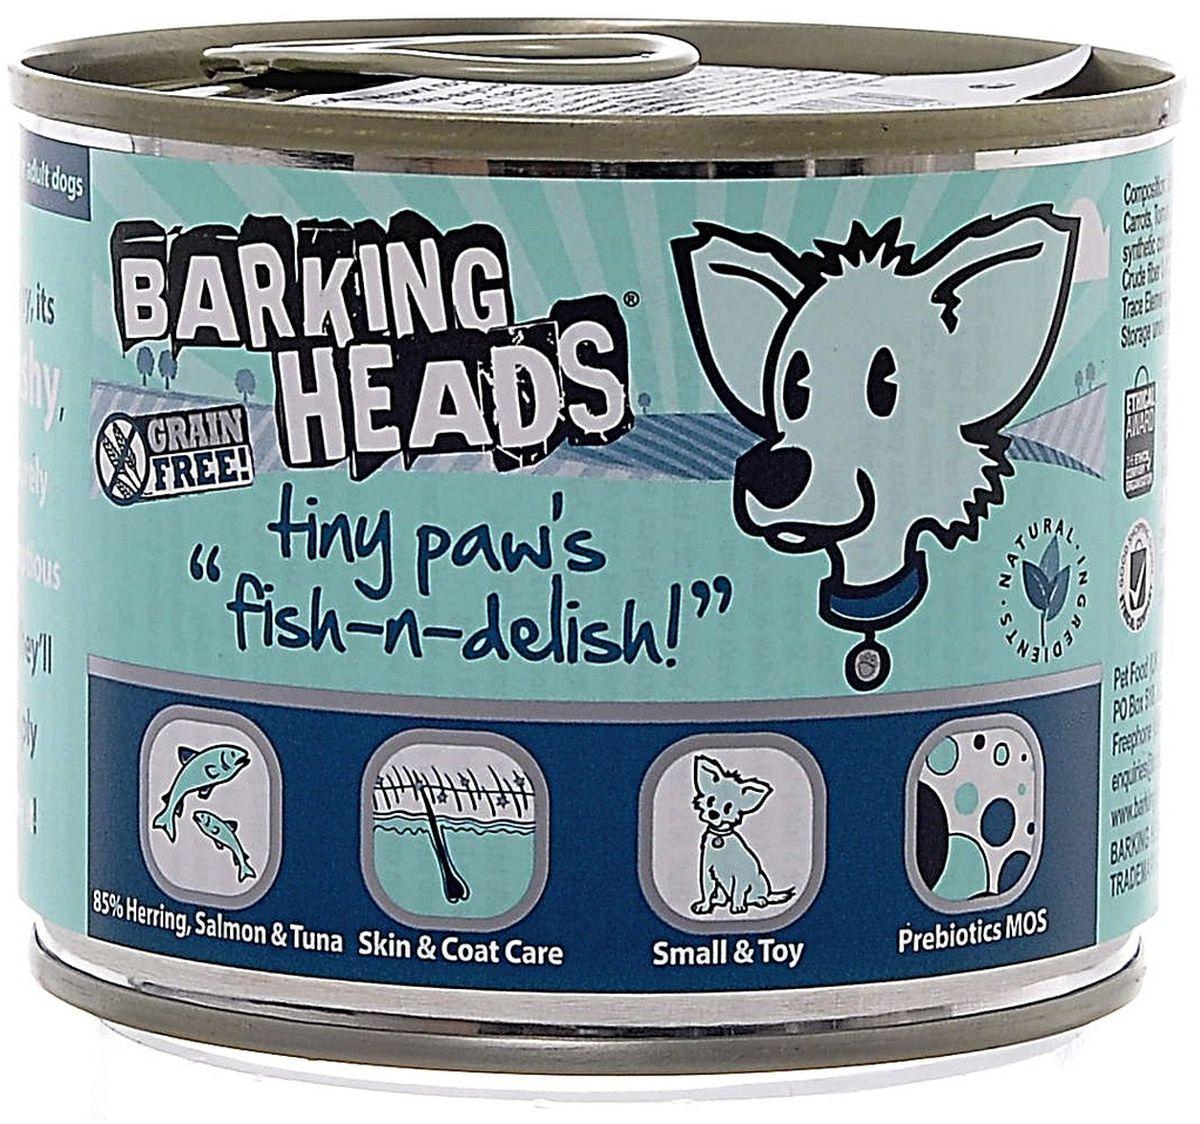 Консервы Barking Heads Рыбка-вкусняшка для собак мелких пород, с лососем, тунцом и сельдью, 200 г13833Консервы Barking Heads Рыбка-вкусняшка - это обед аристократа. Пусть питомец почувствует всю вашу любовь! Отличный вкус, нежный аромат натурального корма и заботливый хозяин рядом - что еще нужно счастливому питомцу! Консервы можно использовать в качестве полнорационного корма.Состав: 85% сельди, лосося и тунца (30% сельди, 25% рыбного бульона, 20% лосося, 10% тунца), батат, сушеная морковь, томаты, растительное масло, льняное масло, ламинария, люцерна, сушеная петрушка, сельдерей, корень цикория, куркума, крапива, анисовое семя. Гарантированный анализ: белок 10,5%, жир 6%, зола 2,5%, клетчатка 0,4%, влага 75%.Витамины: витамин D3 2000 IU, витамин Е 30 МЕ.Комплекс микроэлементов: моногидрат сульфата цинка 15 мг, моногидрат сульфата марганца 3 мг, безводный йодат кальция 0,75 мг.Товар сертифицирован.Чем кормить пожилых собак: советы ветеринара. Статья OZON Гид